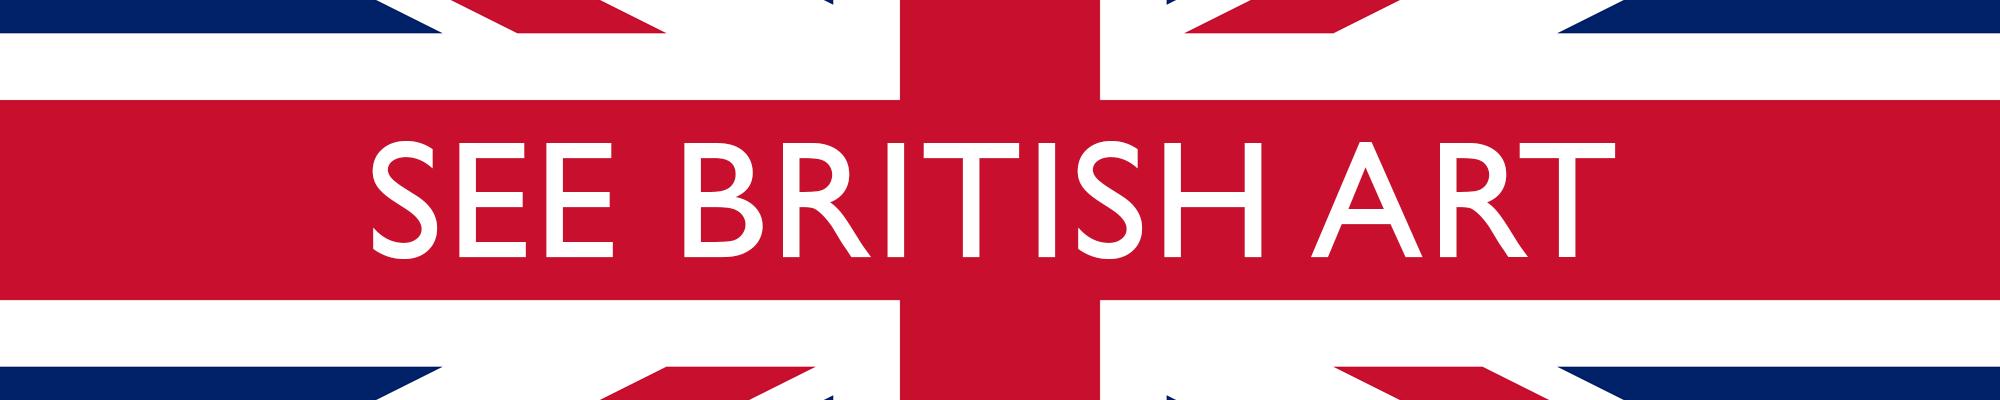 See British Art